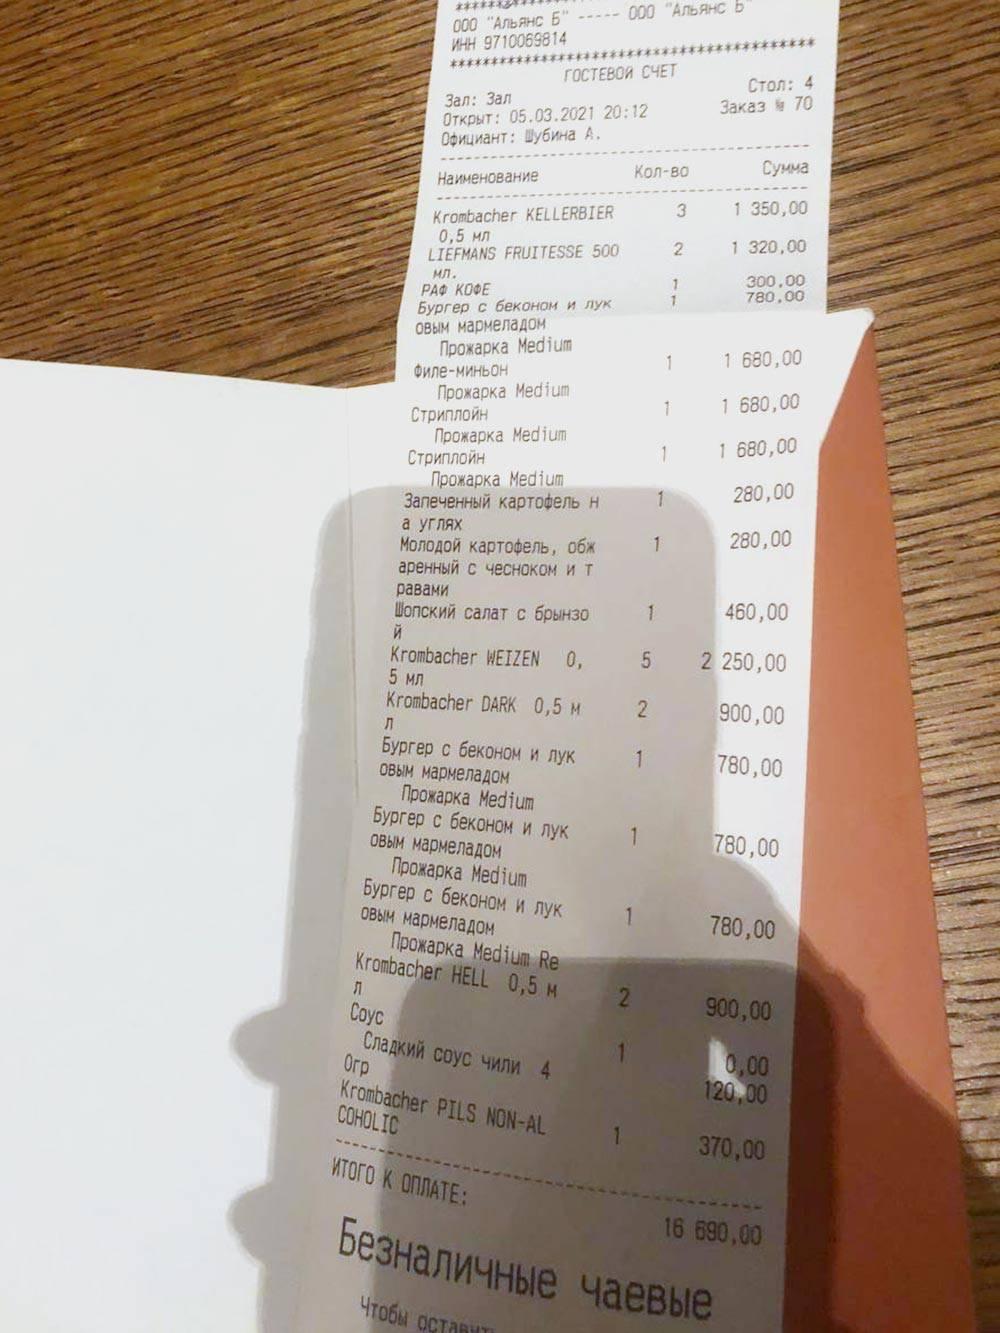 Недавно мы с друзьями посидели всемером в&nbsp;баре. Потратили в&nbsp;сумме 16&nbsp;690&nbsp;<span class=ruble>Р</span>. Я против таких посиделок каждую пятницу